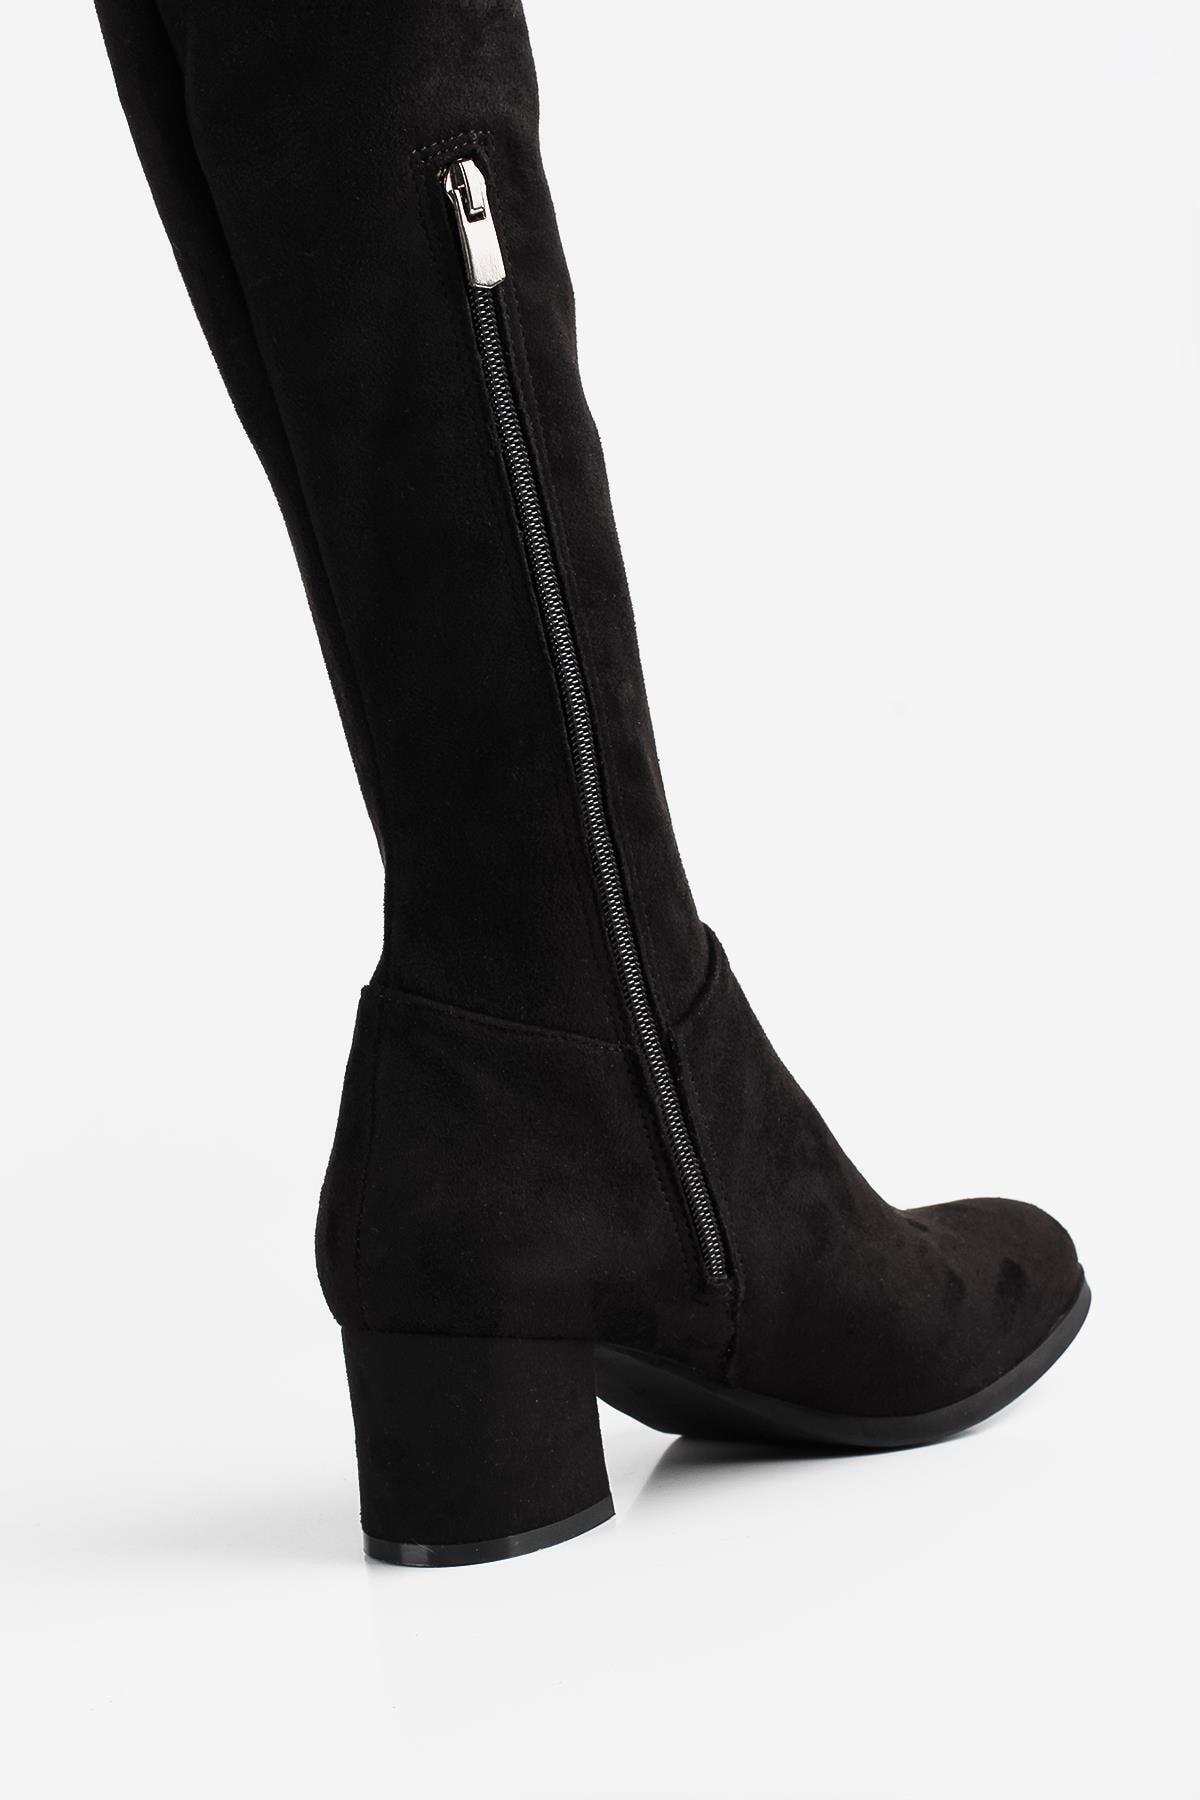 Gökhan Talay Siyah Kadın Diz Üstü Çorap Çizme